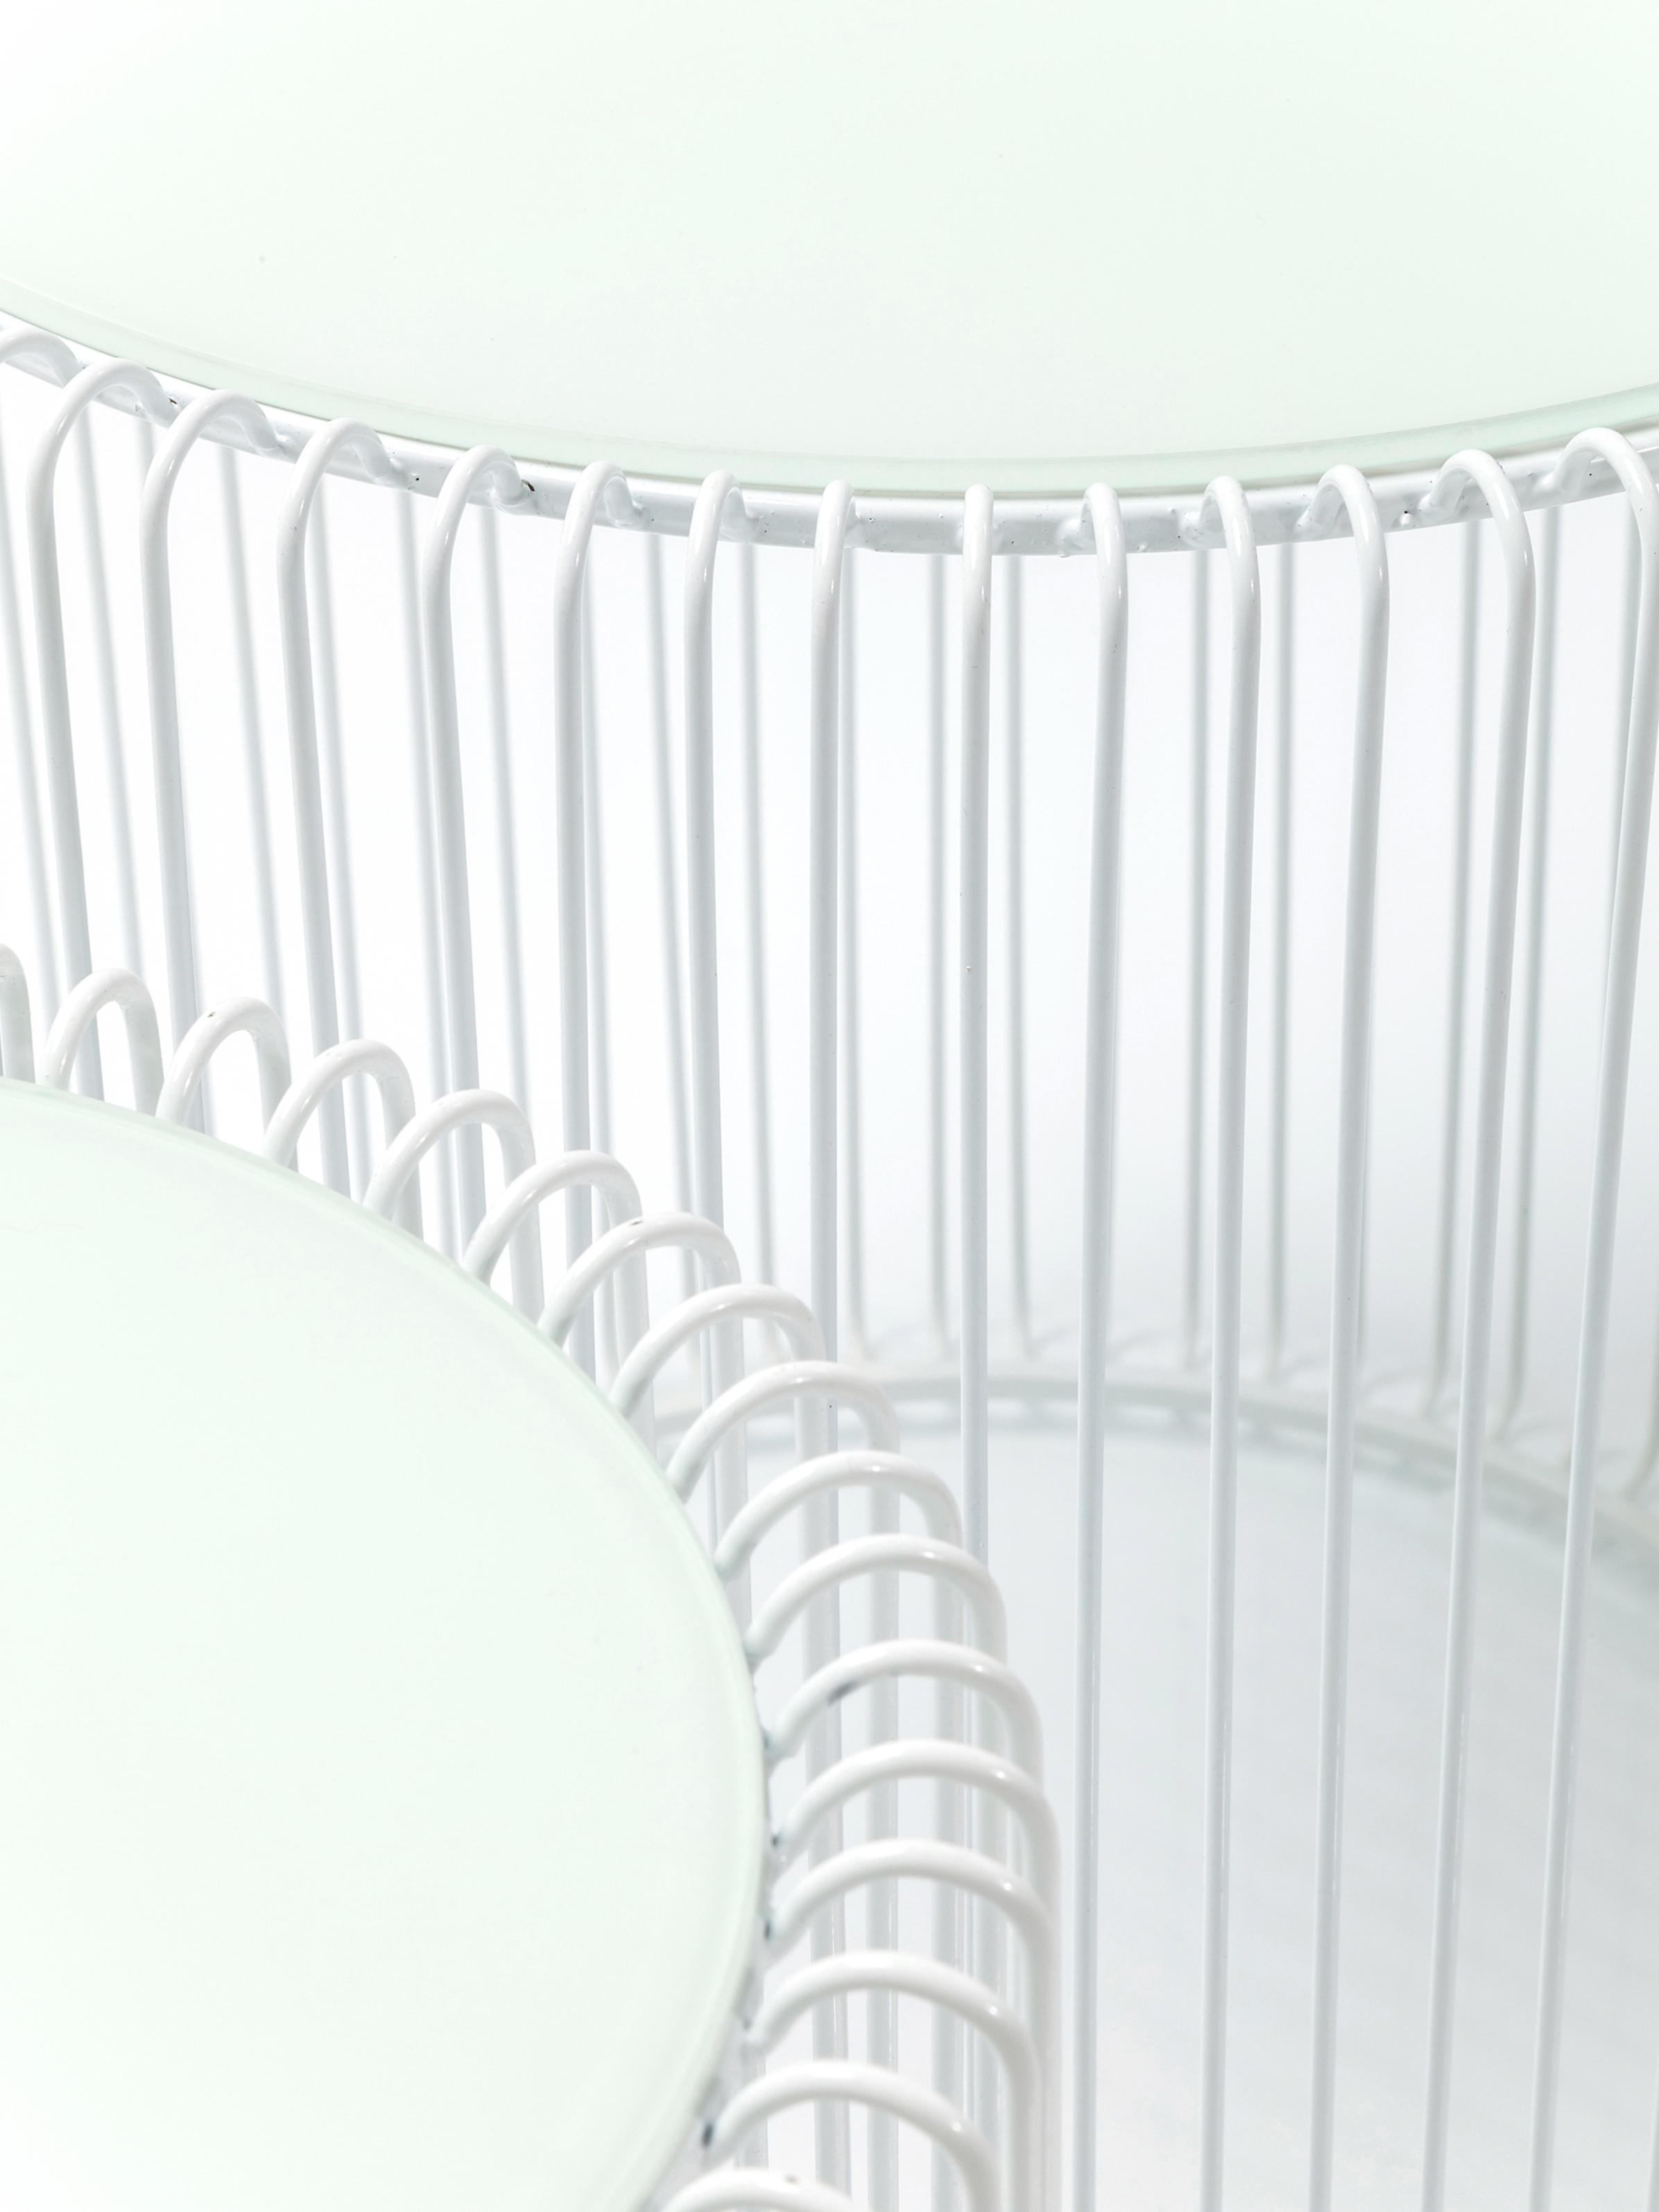 Metall-Beistelltisch 2er-Set Wire mit Glasplatte, Gestell: Metall, pulverbeschichtet, Tischplatte: Sicherheitsglas, foliert, Weiß, Sondergrößen